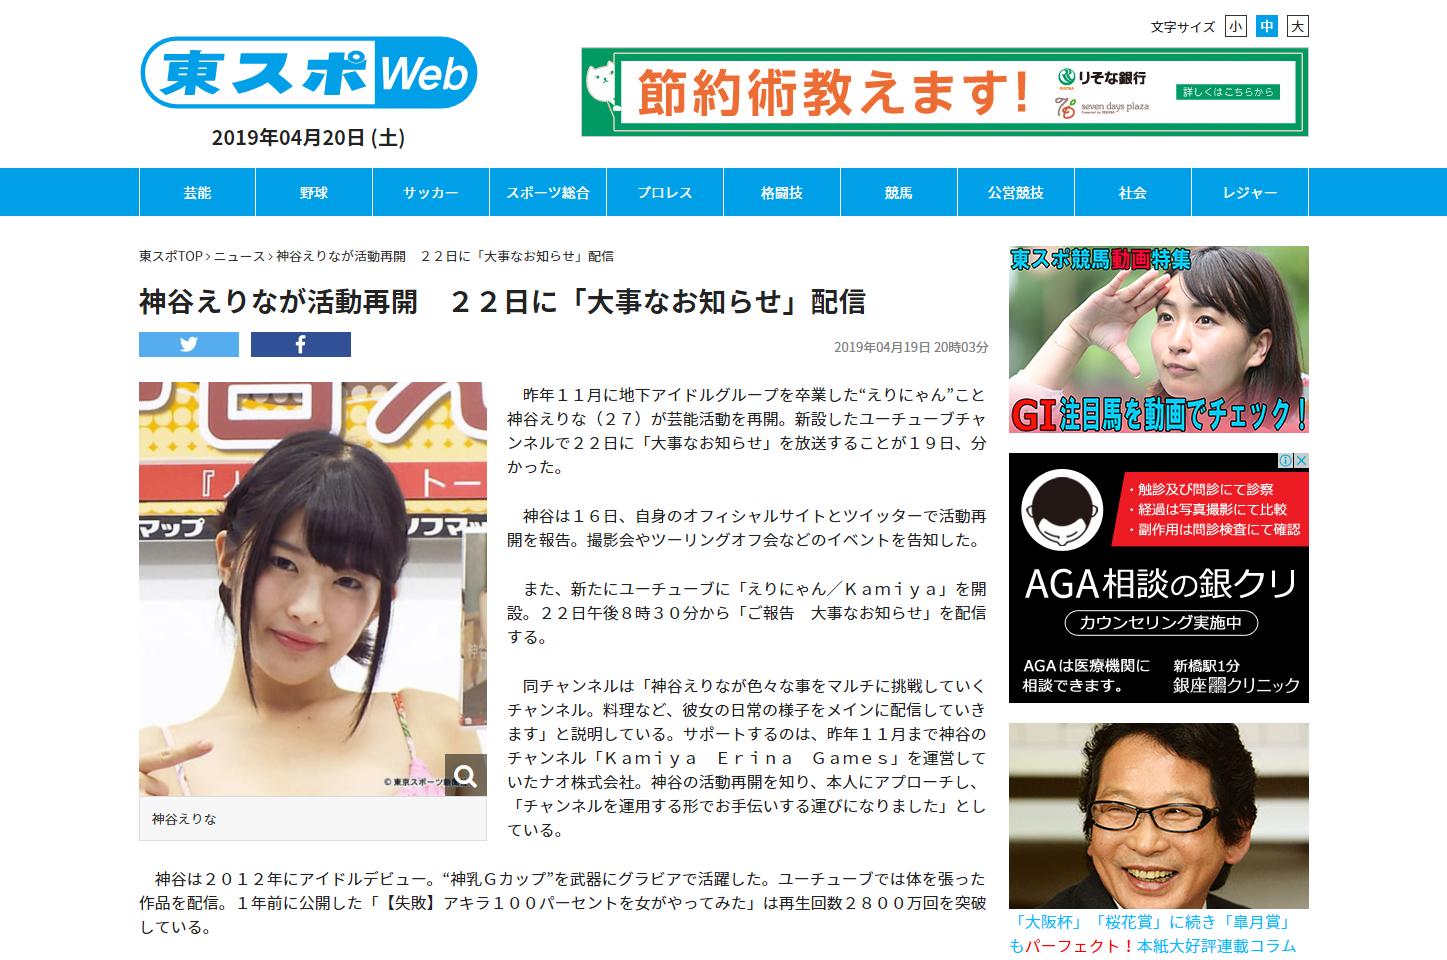 神谷えりなが活動再開 22日に「大事なお知らせ」配信 - 東スポWeb